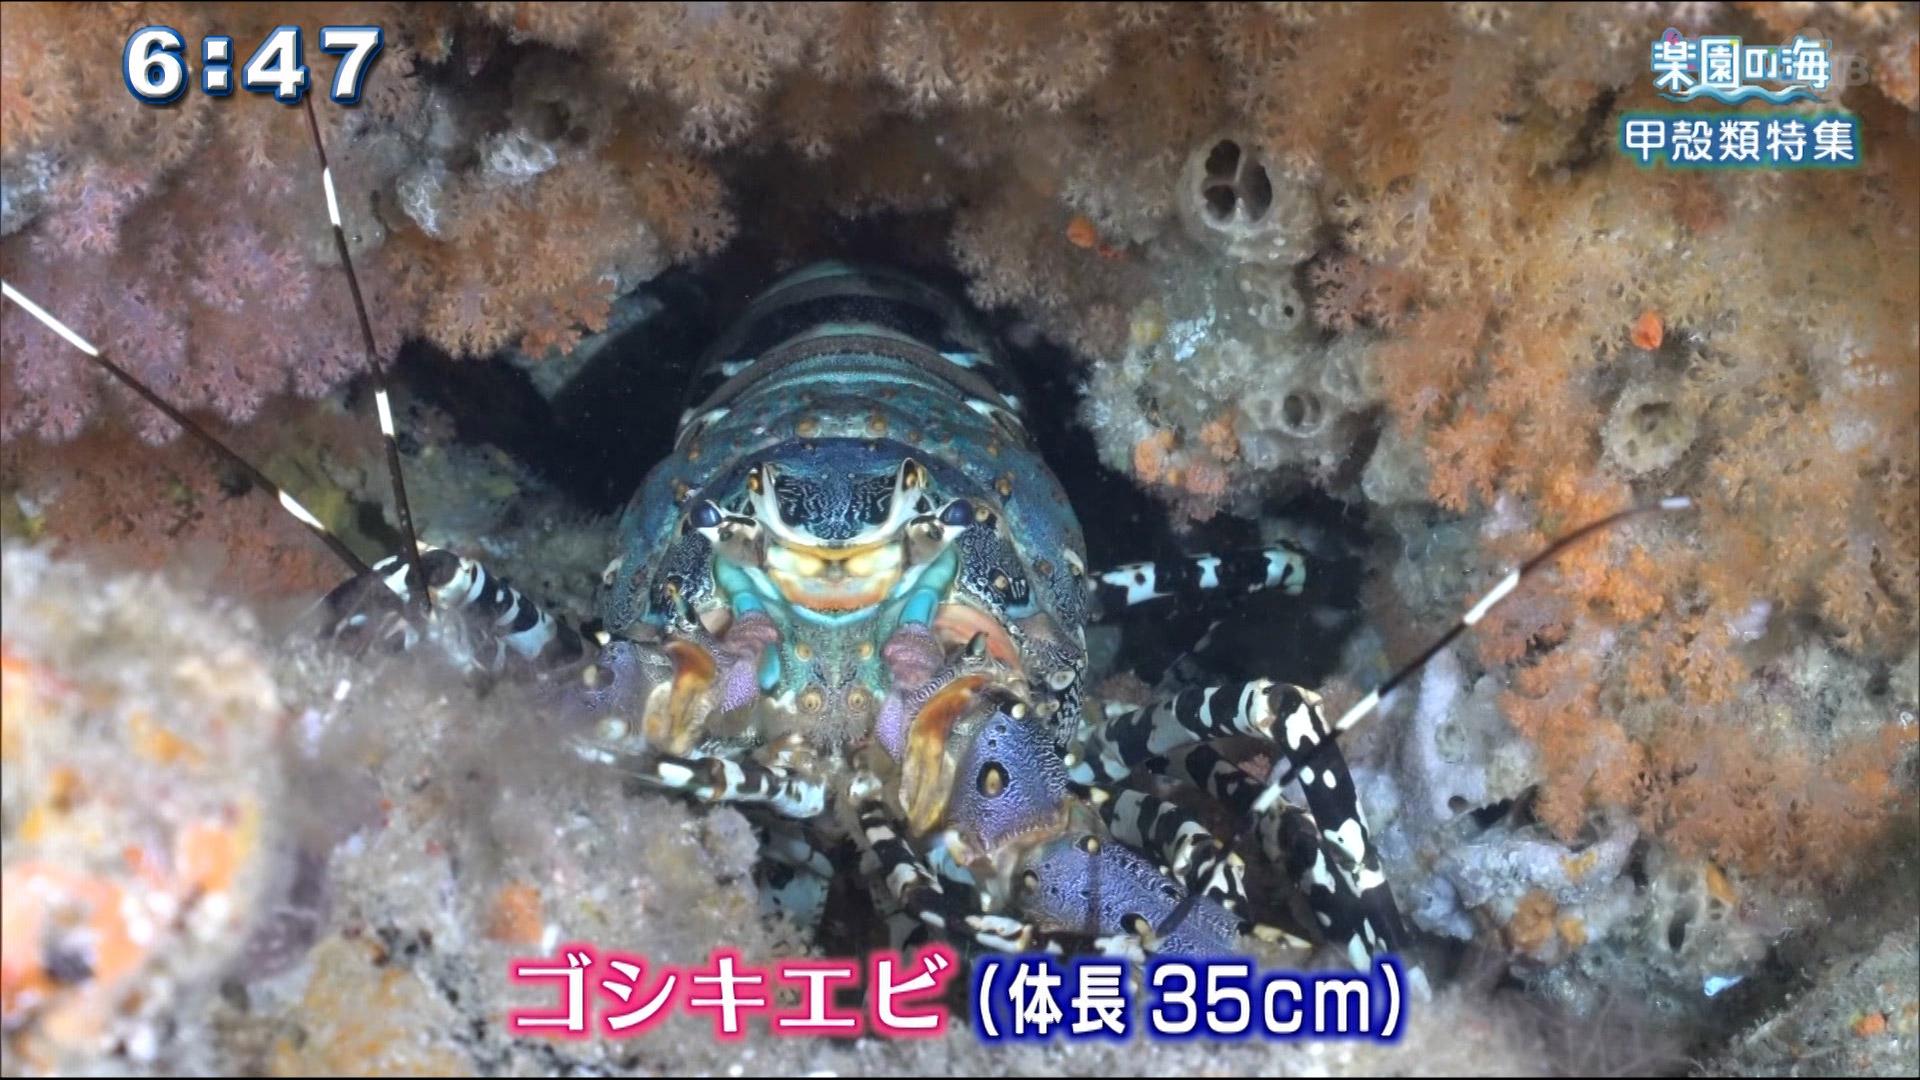 楽園の海 甲殻類特集